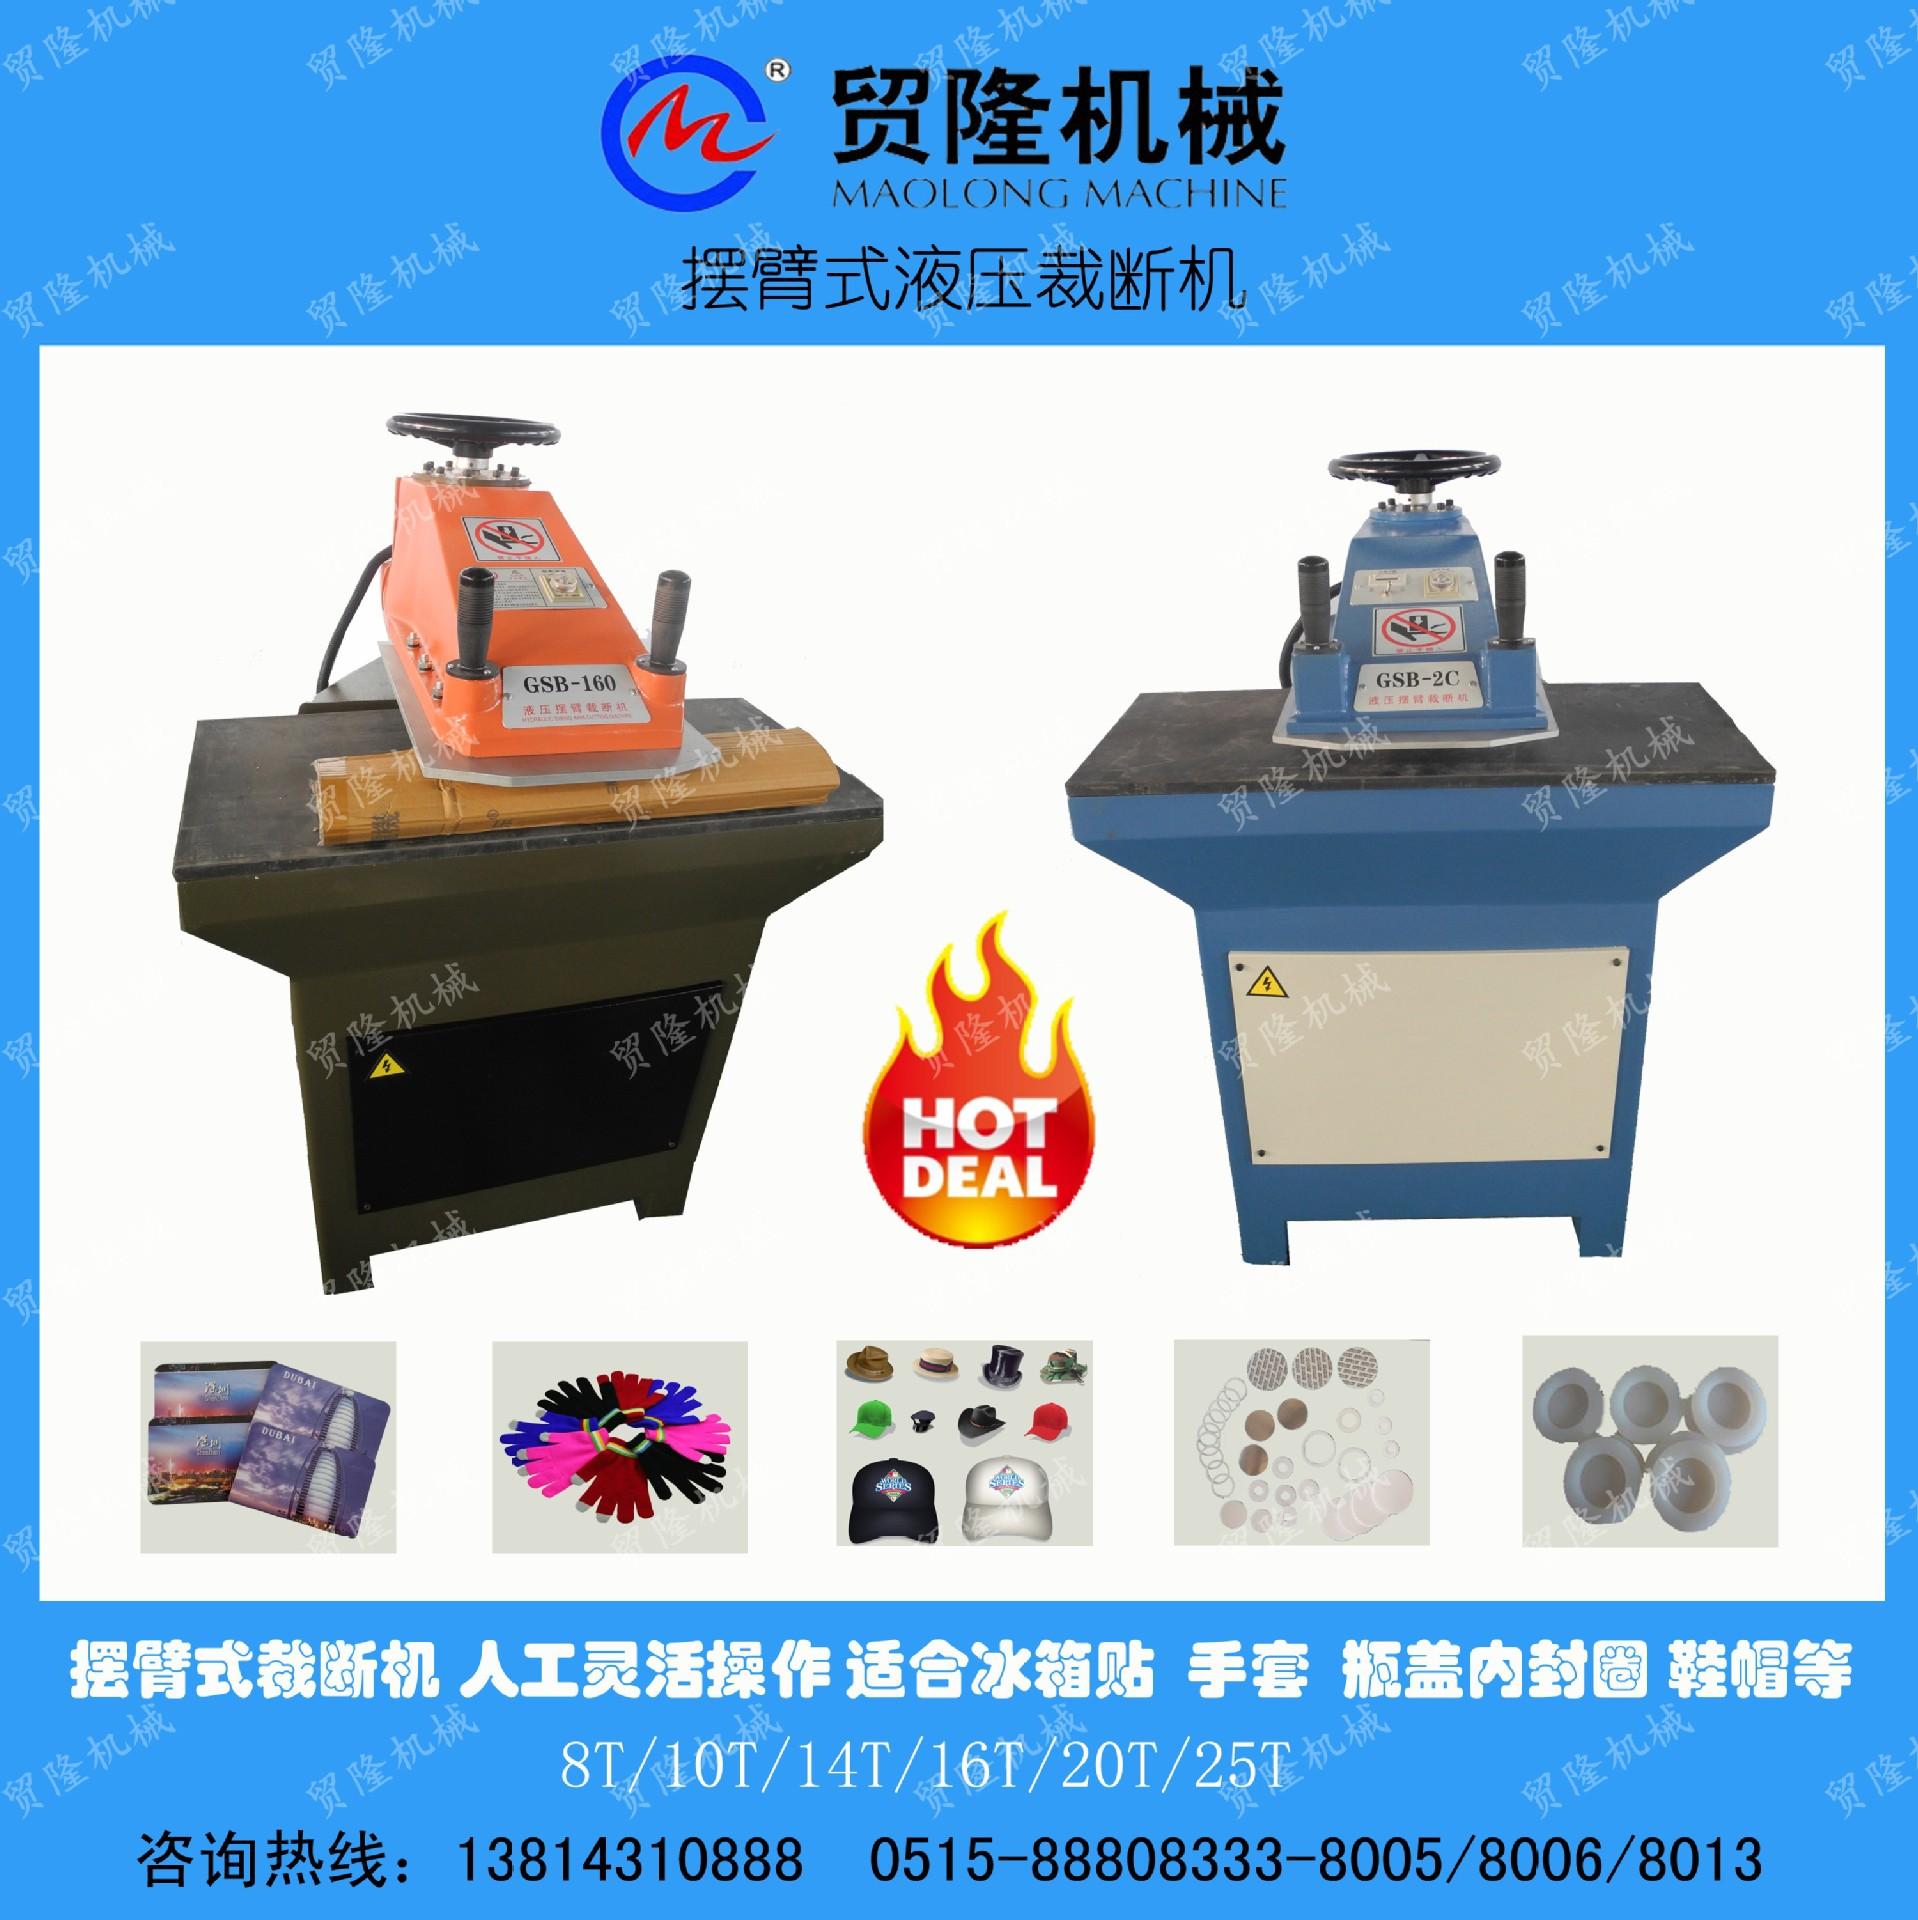 摆臂式裁断机,手套/玩具/皮革/冰箱贴 商标模切裁断机